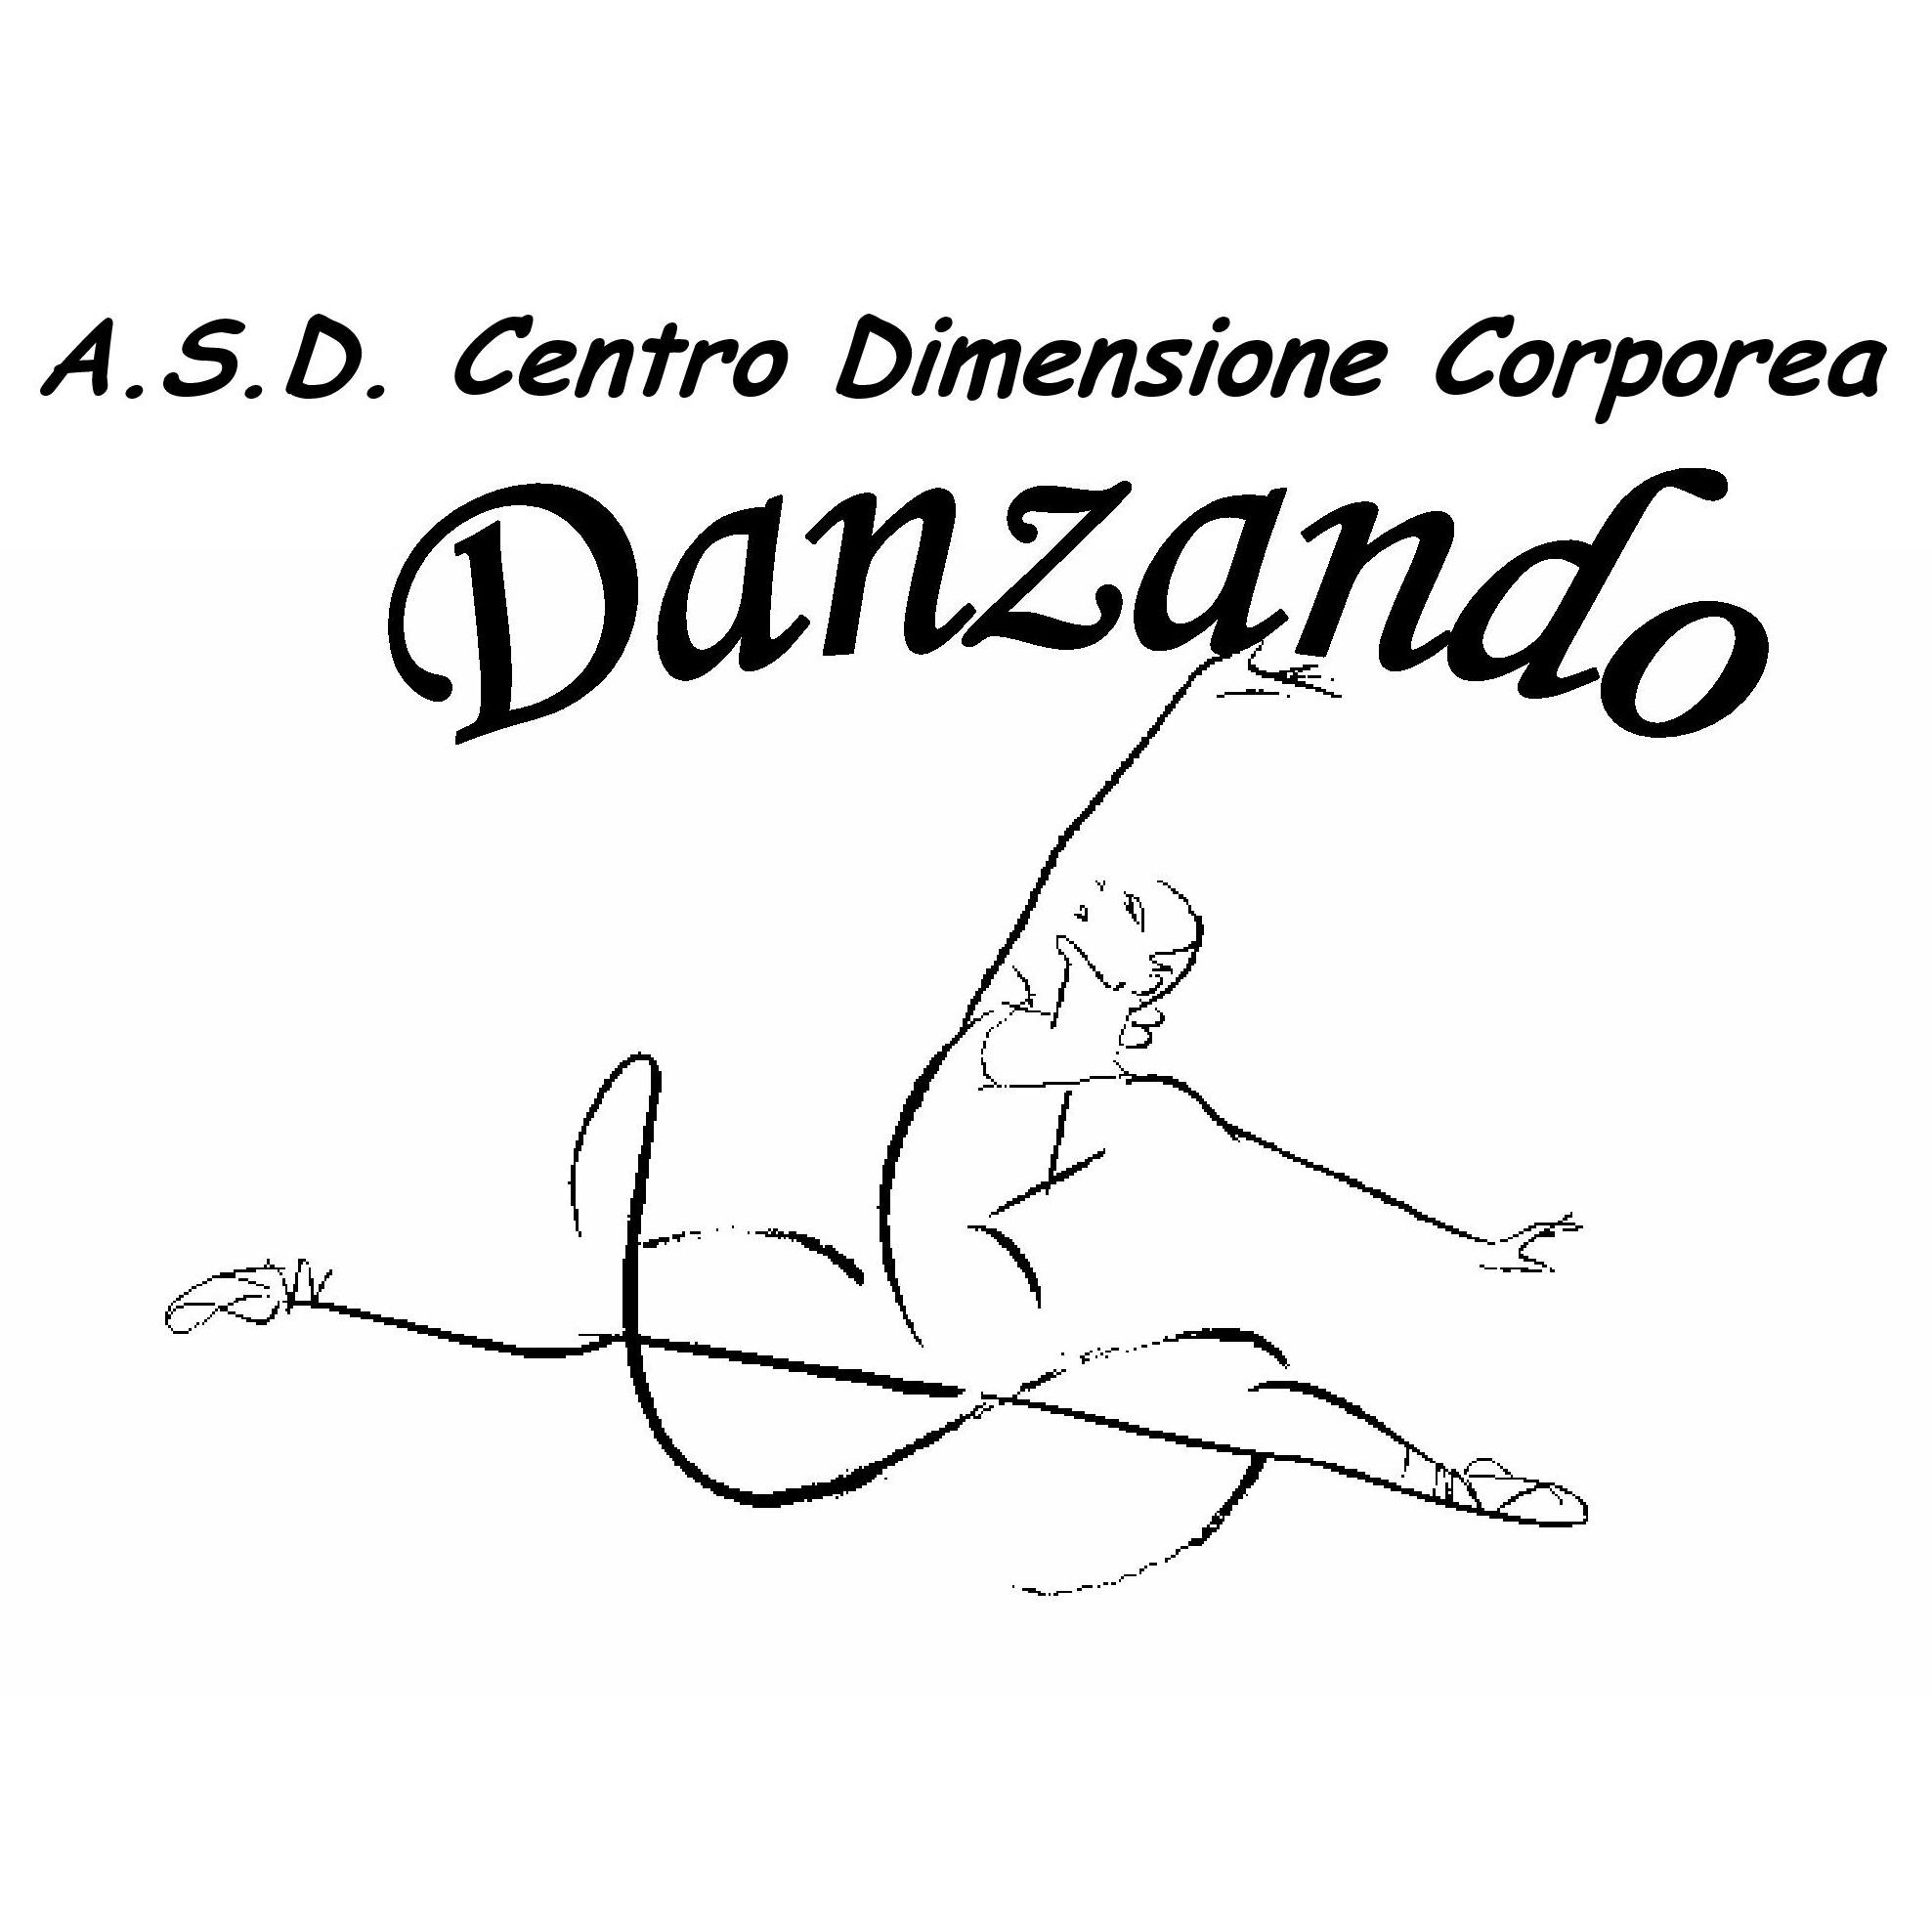 A.S.D. CDC DANZANDO